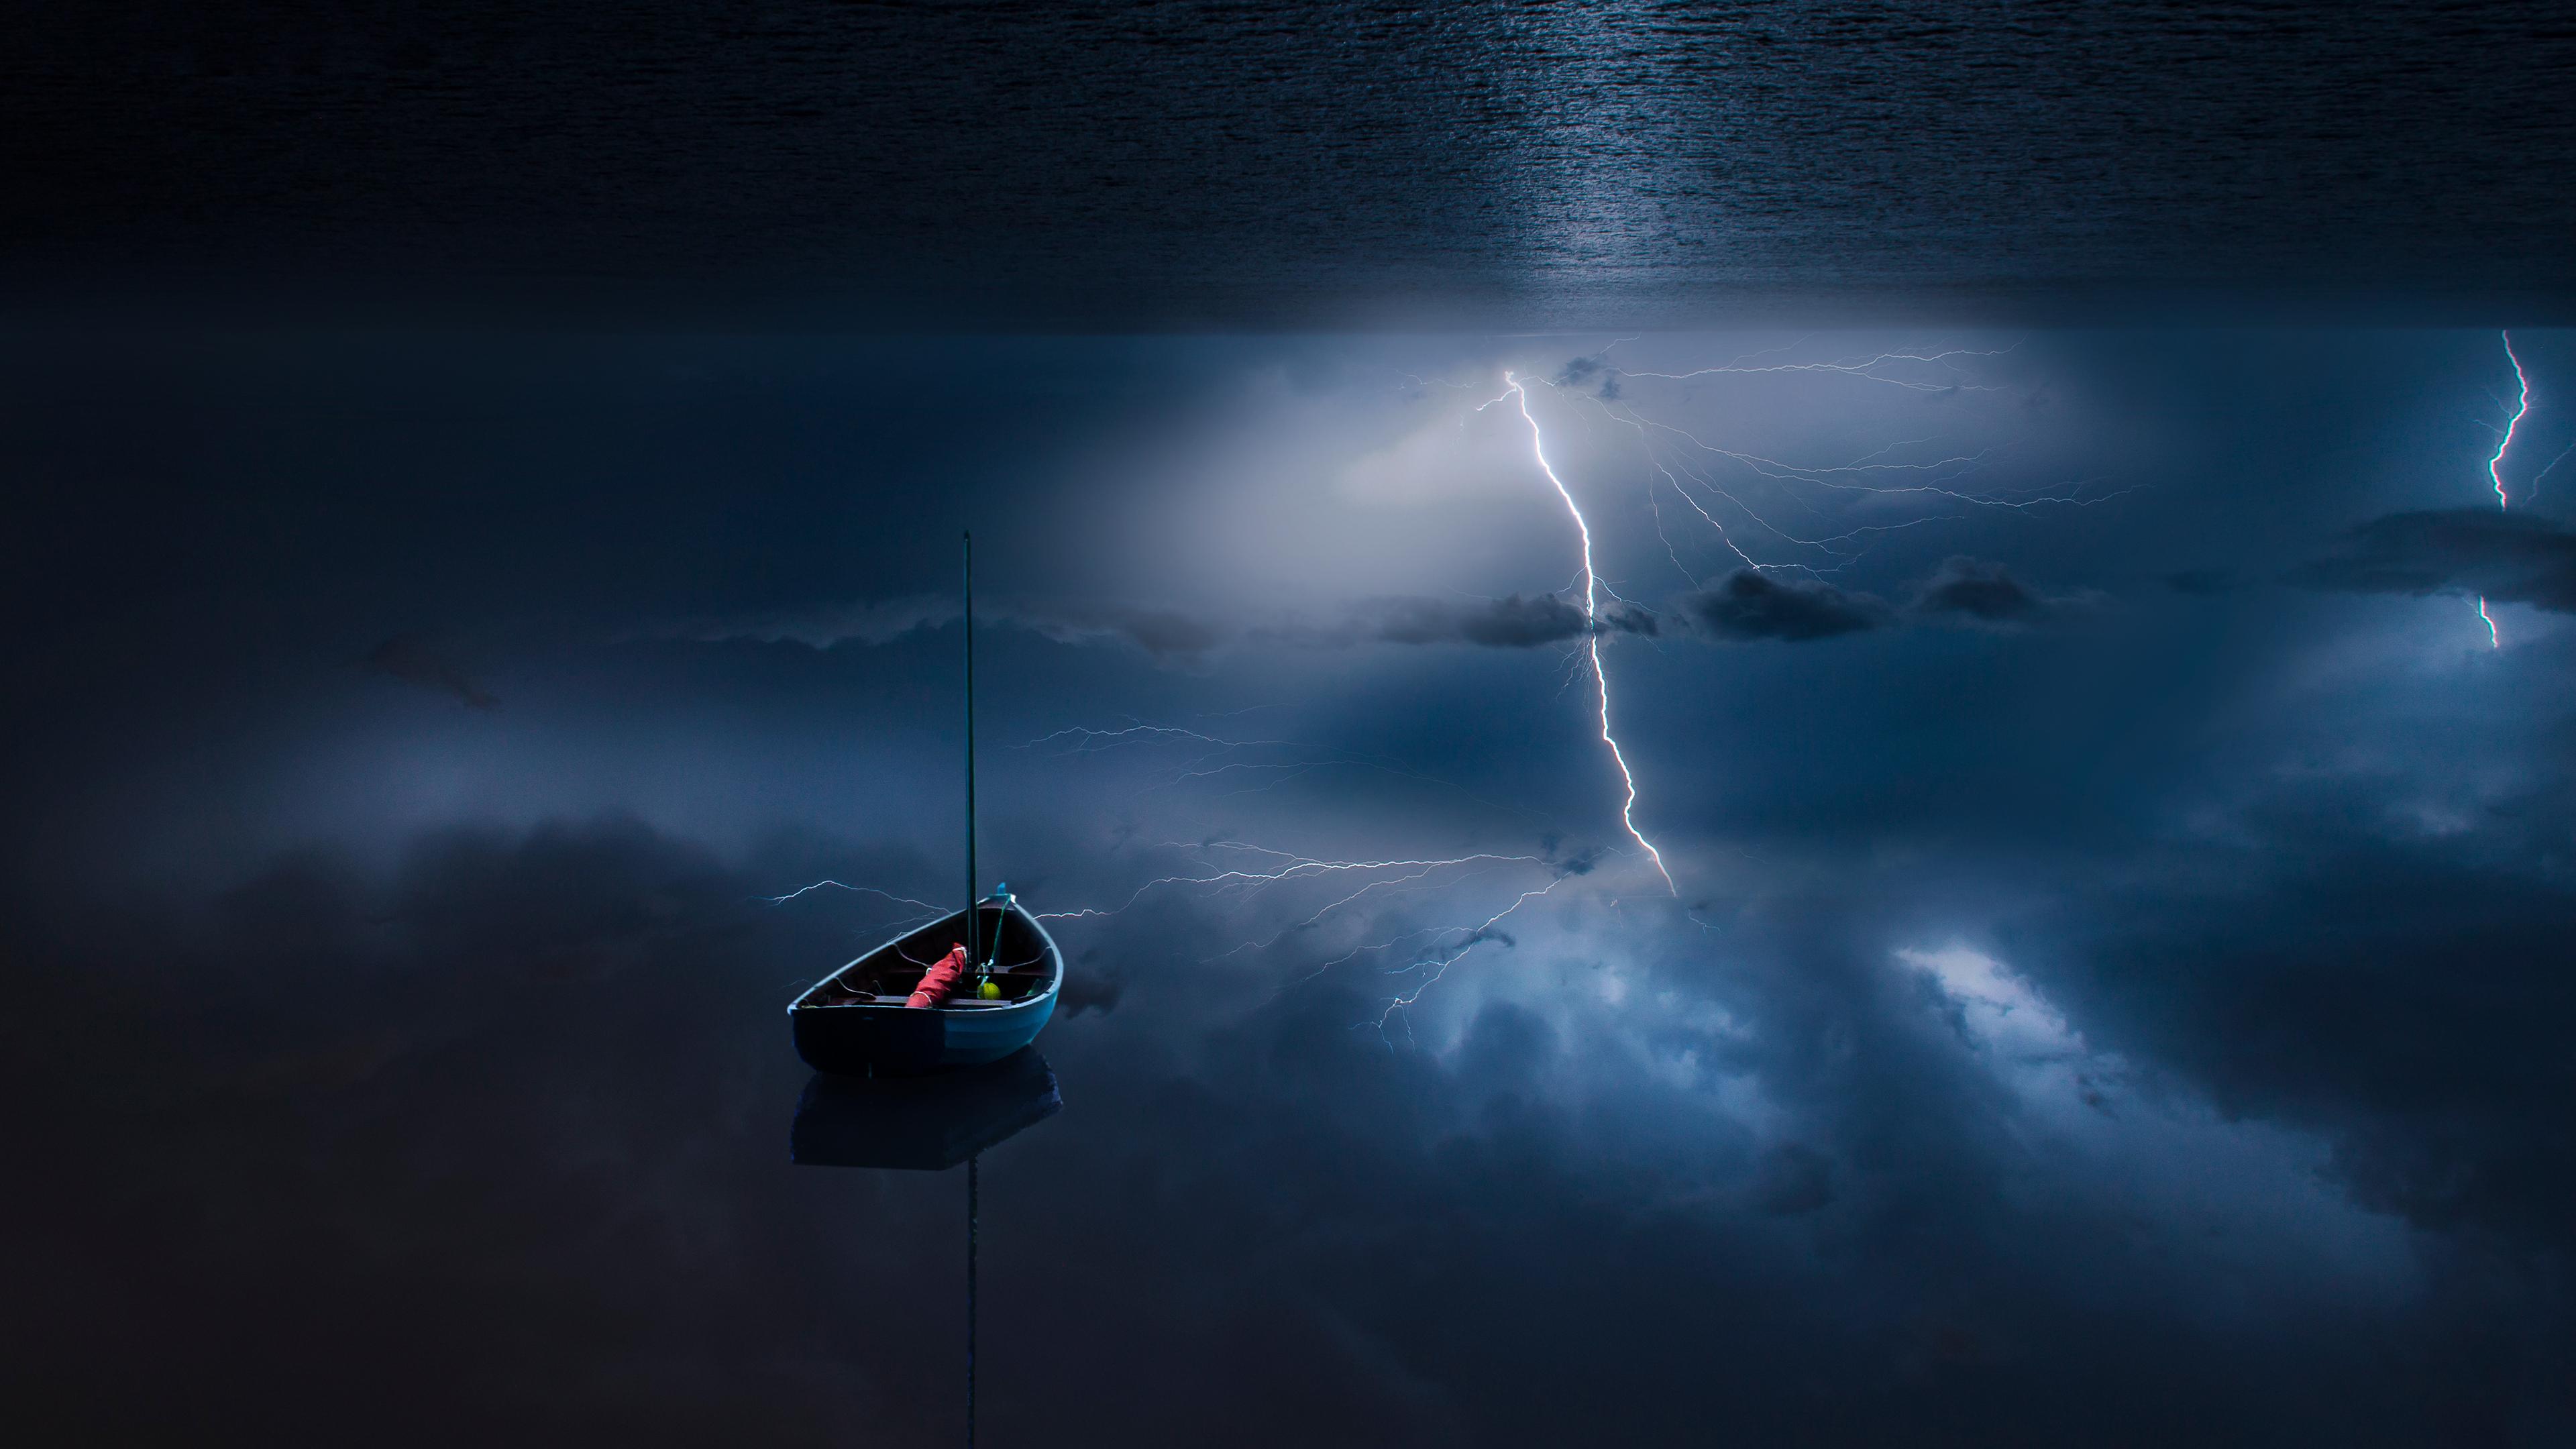 Перевернутый шторм моря обои скачать